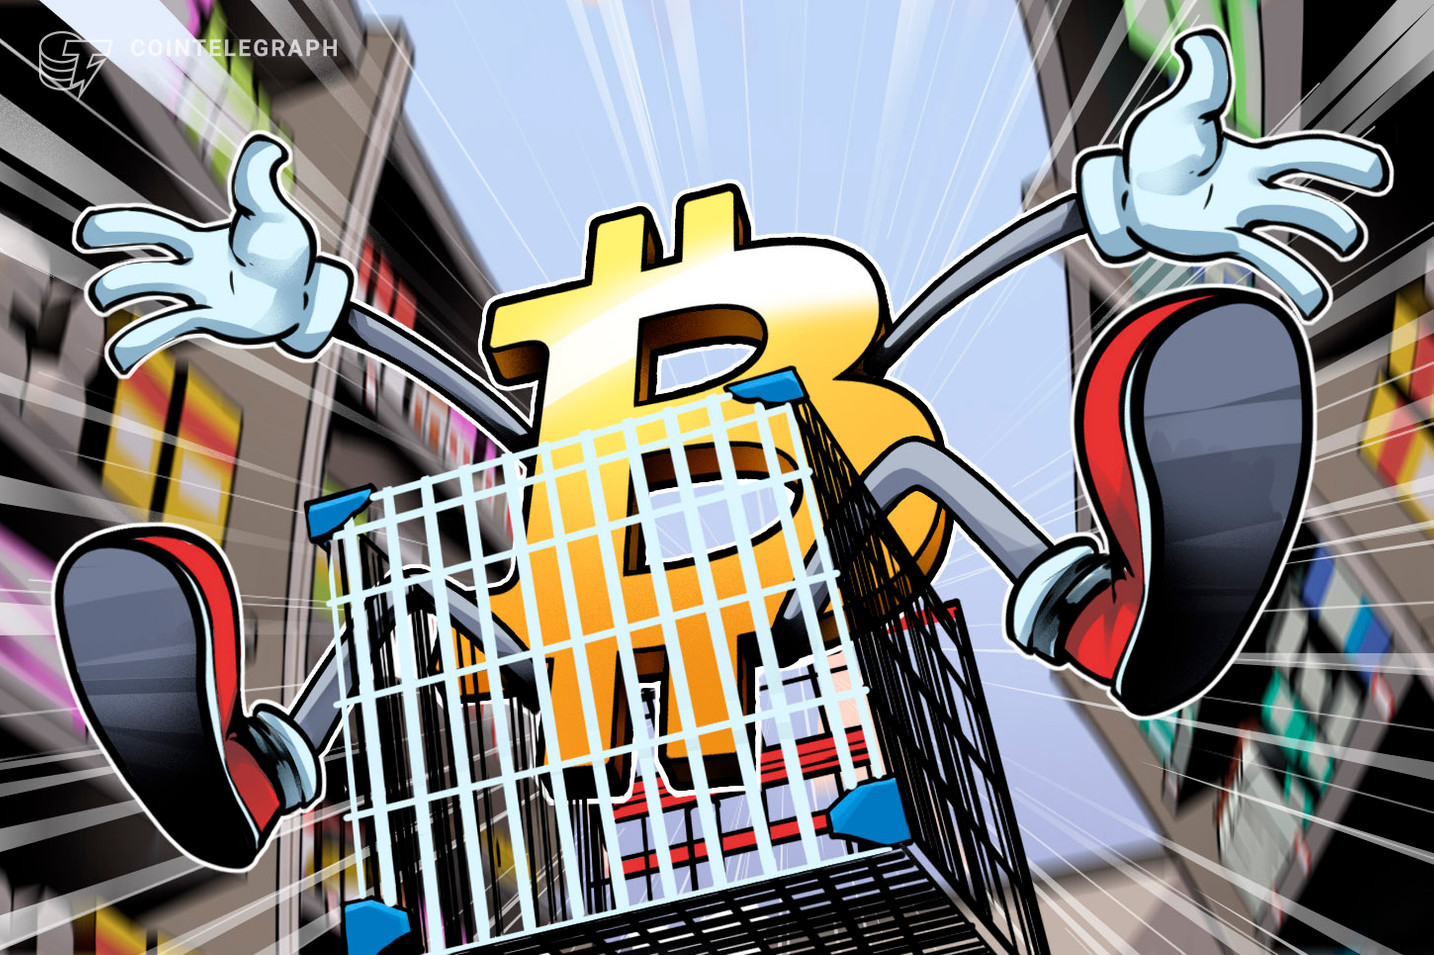 Über 29.000 US-Dollar: Hochvolumiger Anstieg bringt Bitcoin auf neues Allzeithoch